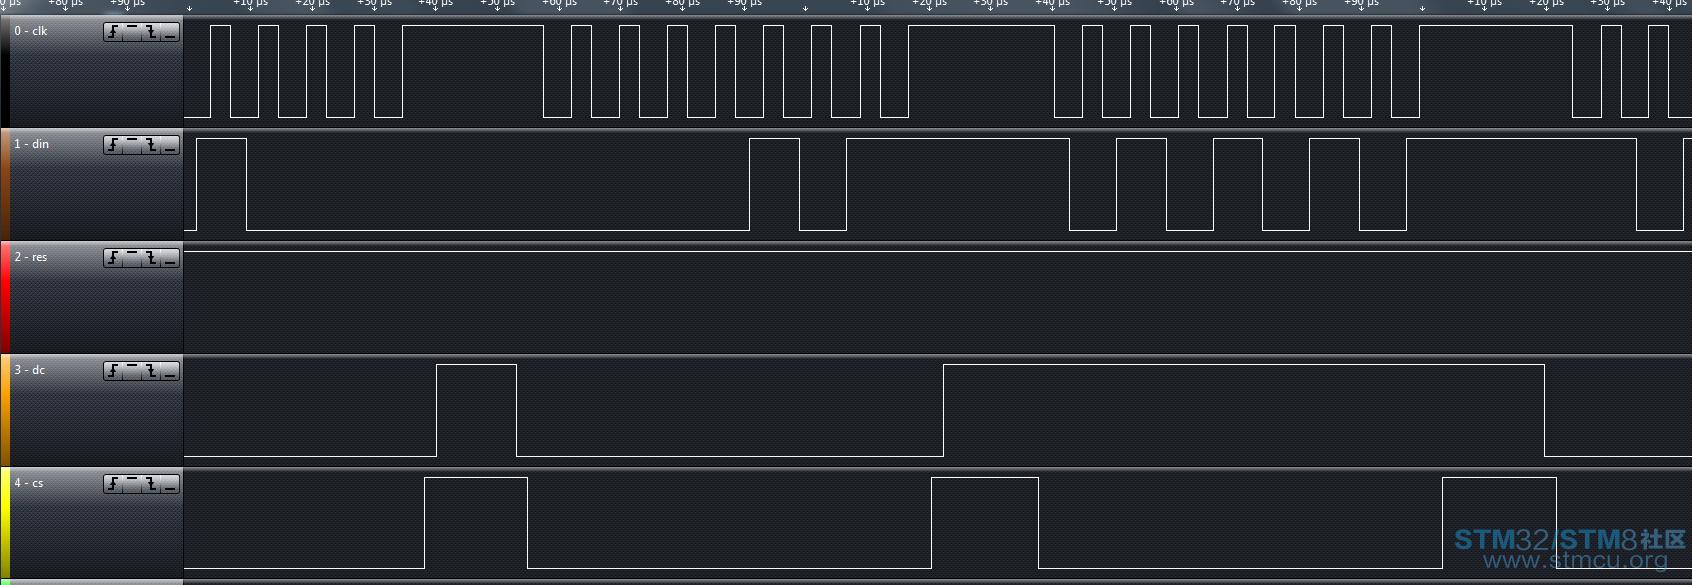 顯示器時序是什么意思_顯示器時序是什么_顯示器時序是什么